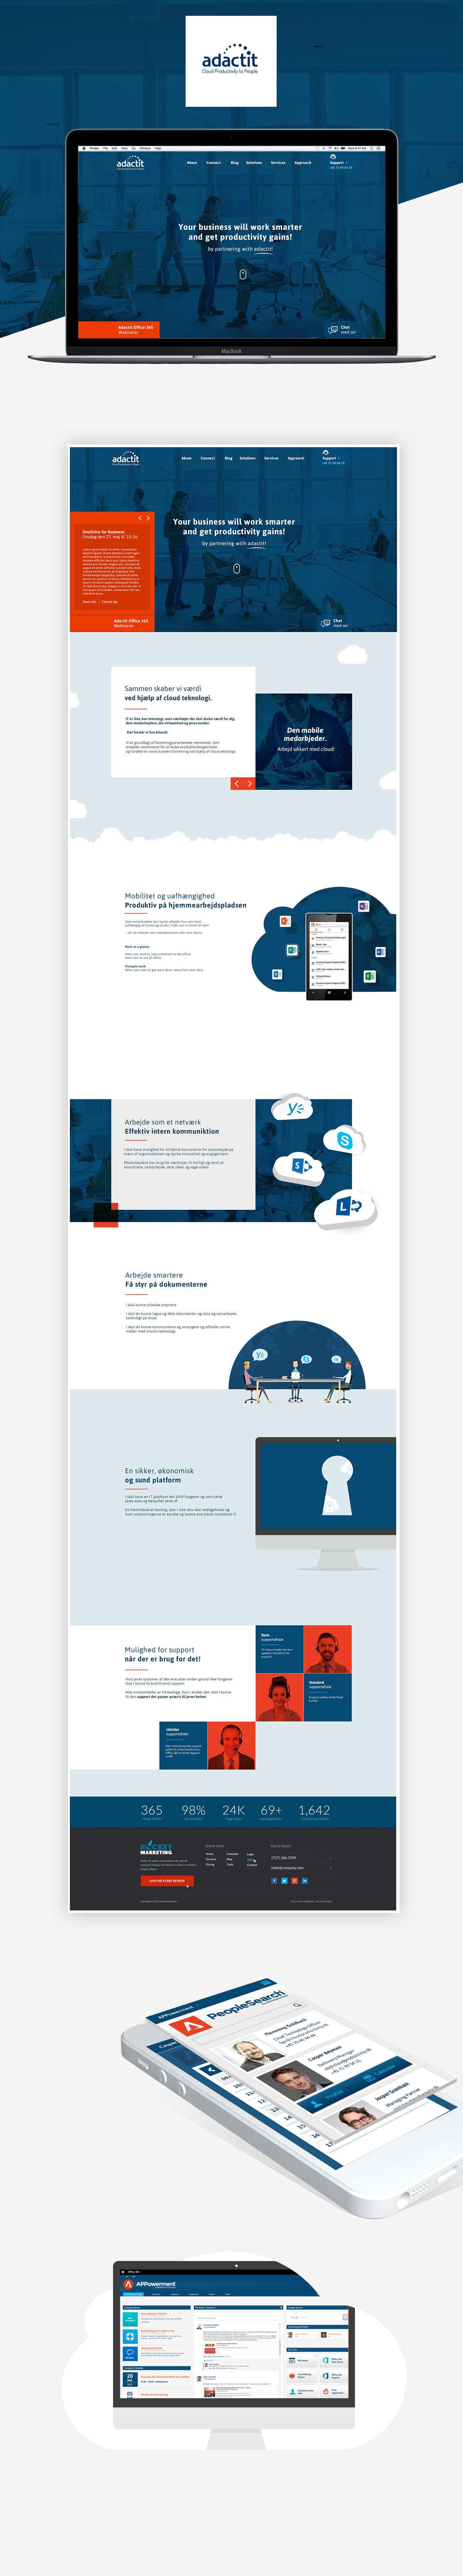 ADACTITbehance_design